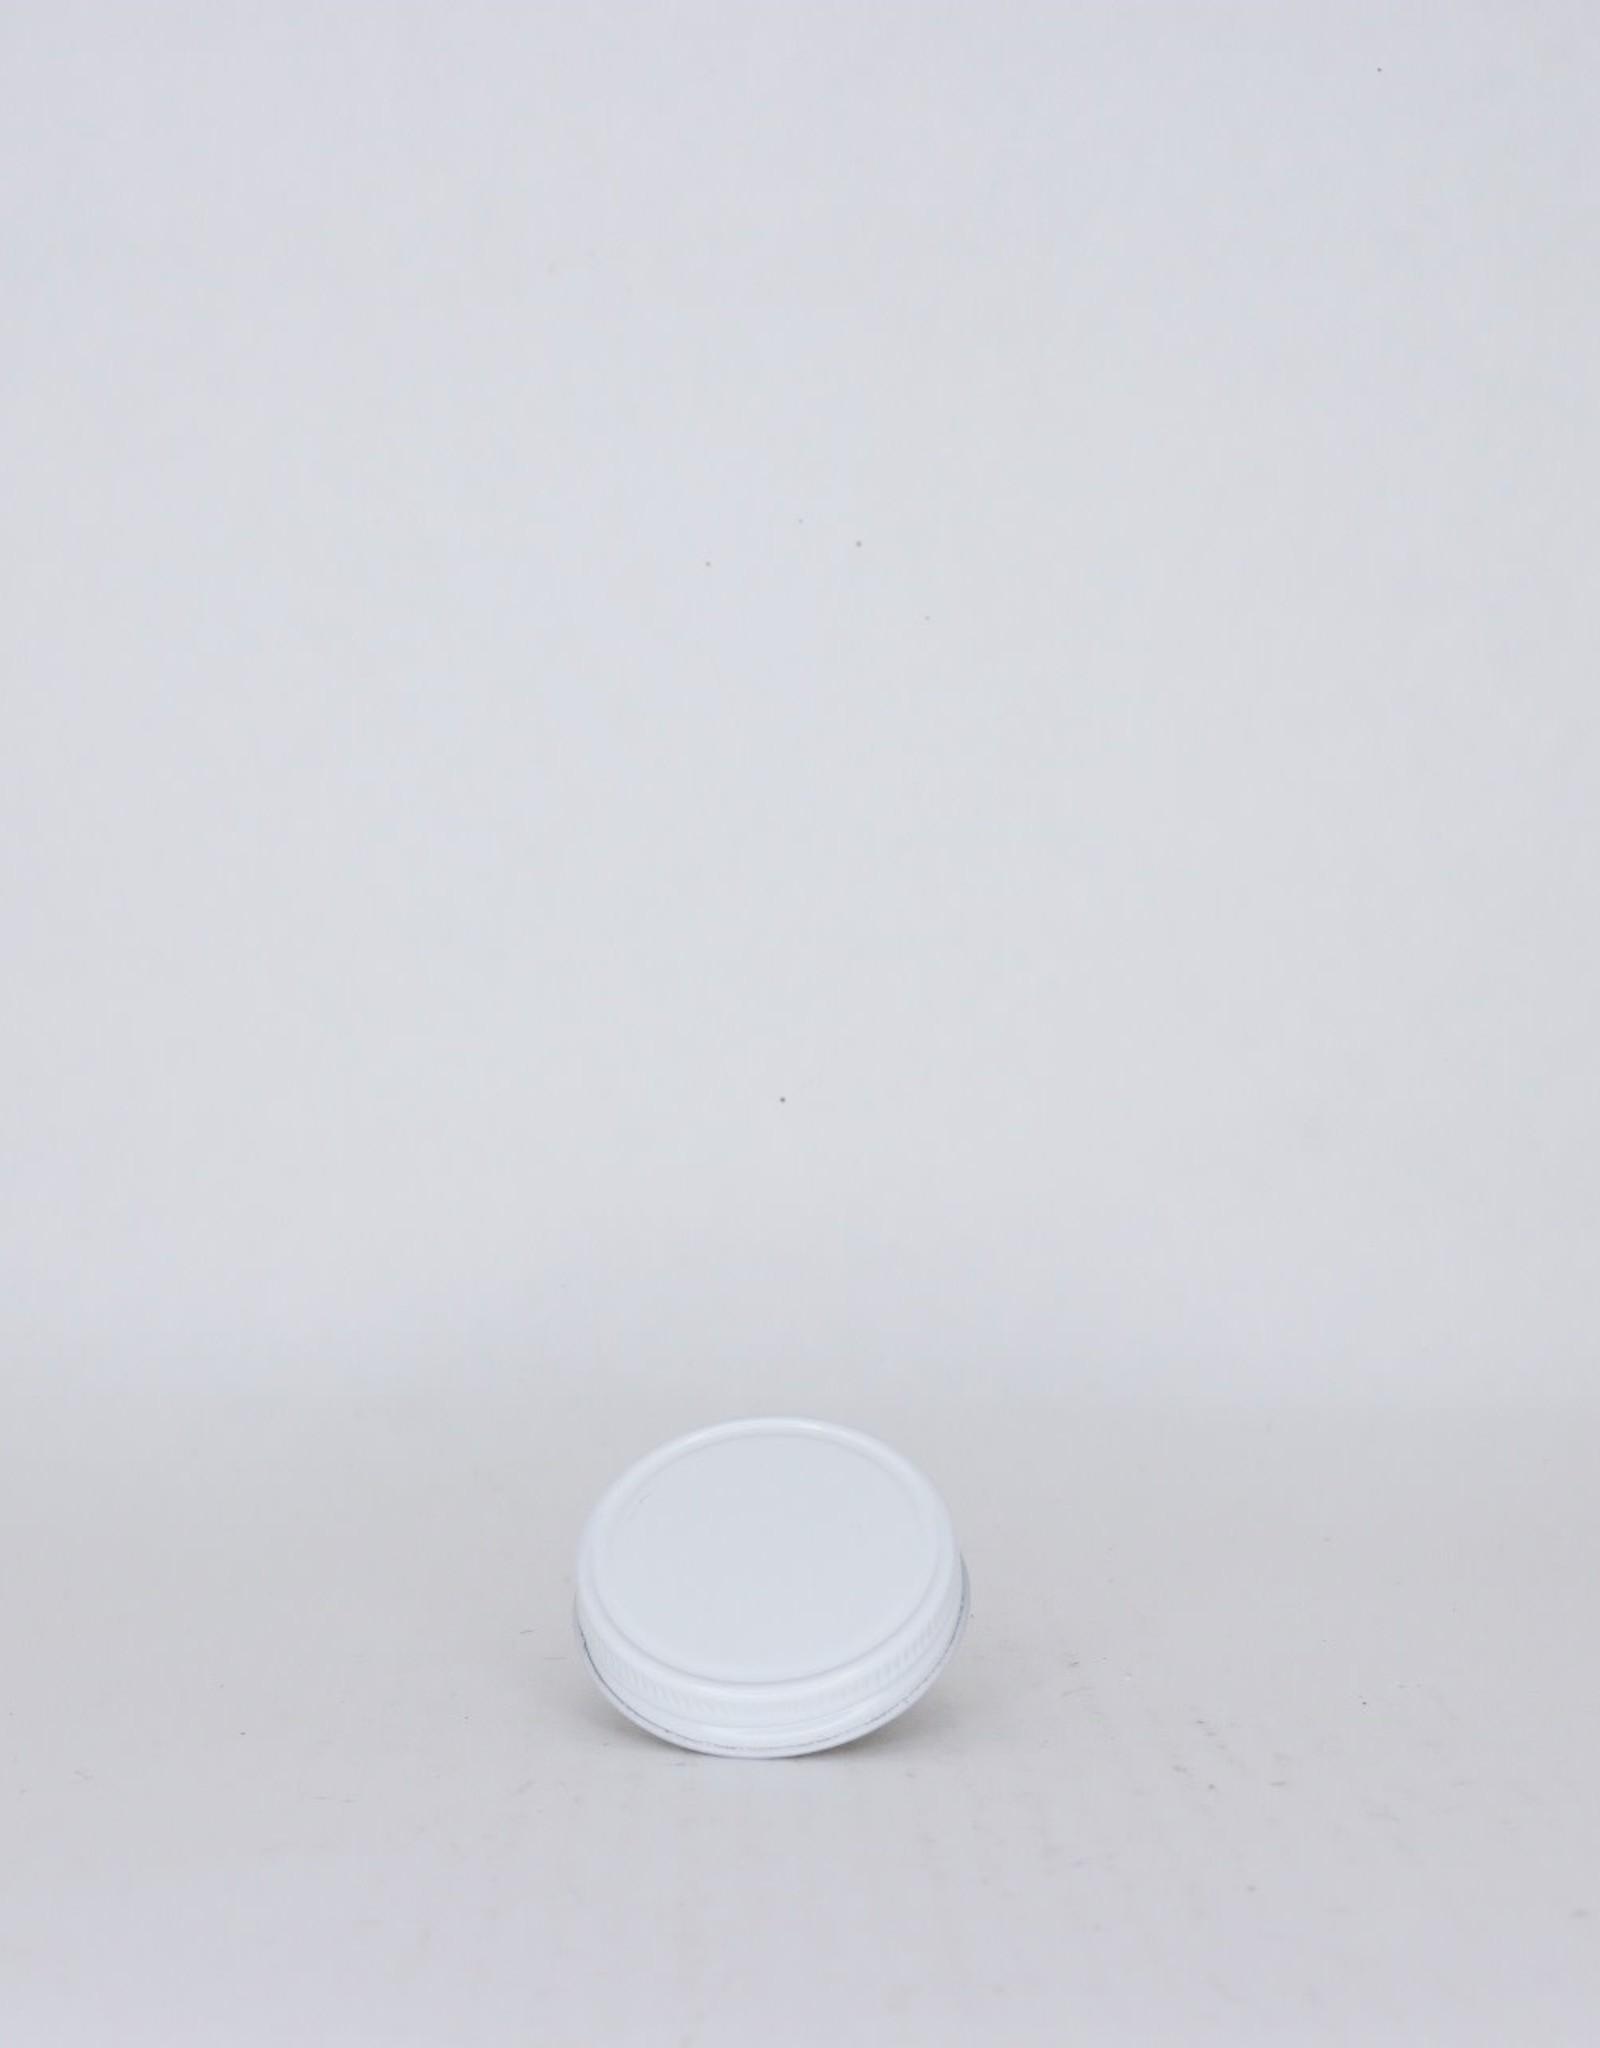 Lids for Classic Queenline 1 lb Jar 48mm